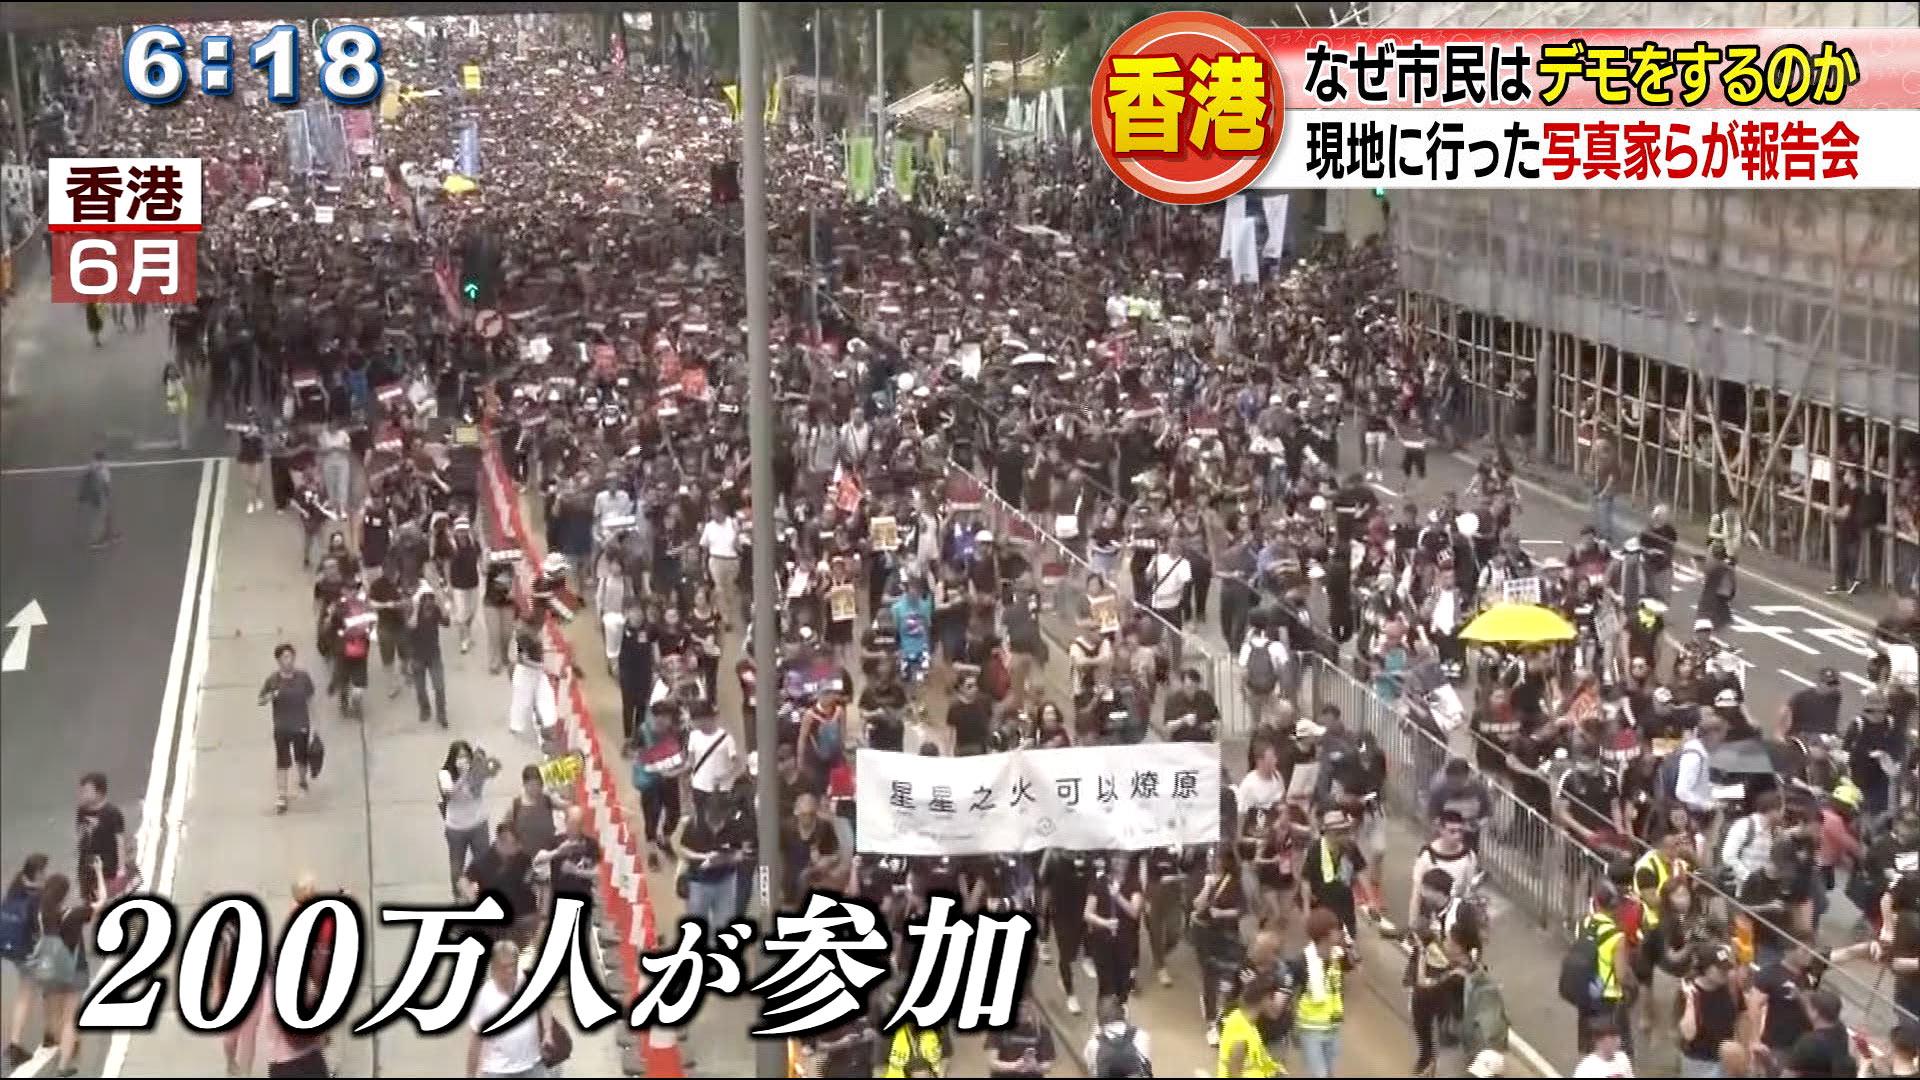 香港民主化デモ現地で見えた沖縄との共通点とは